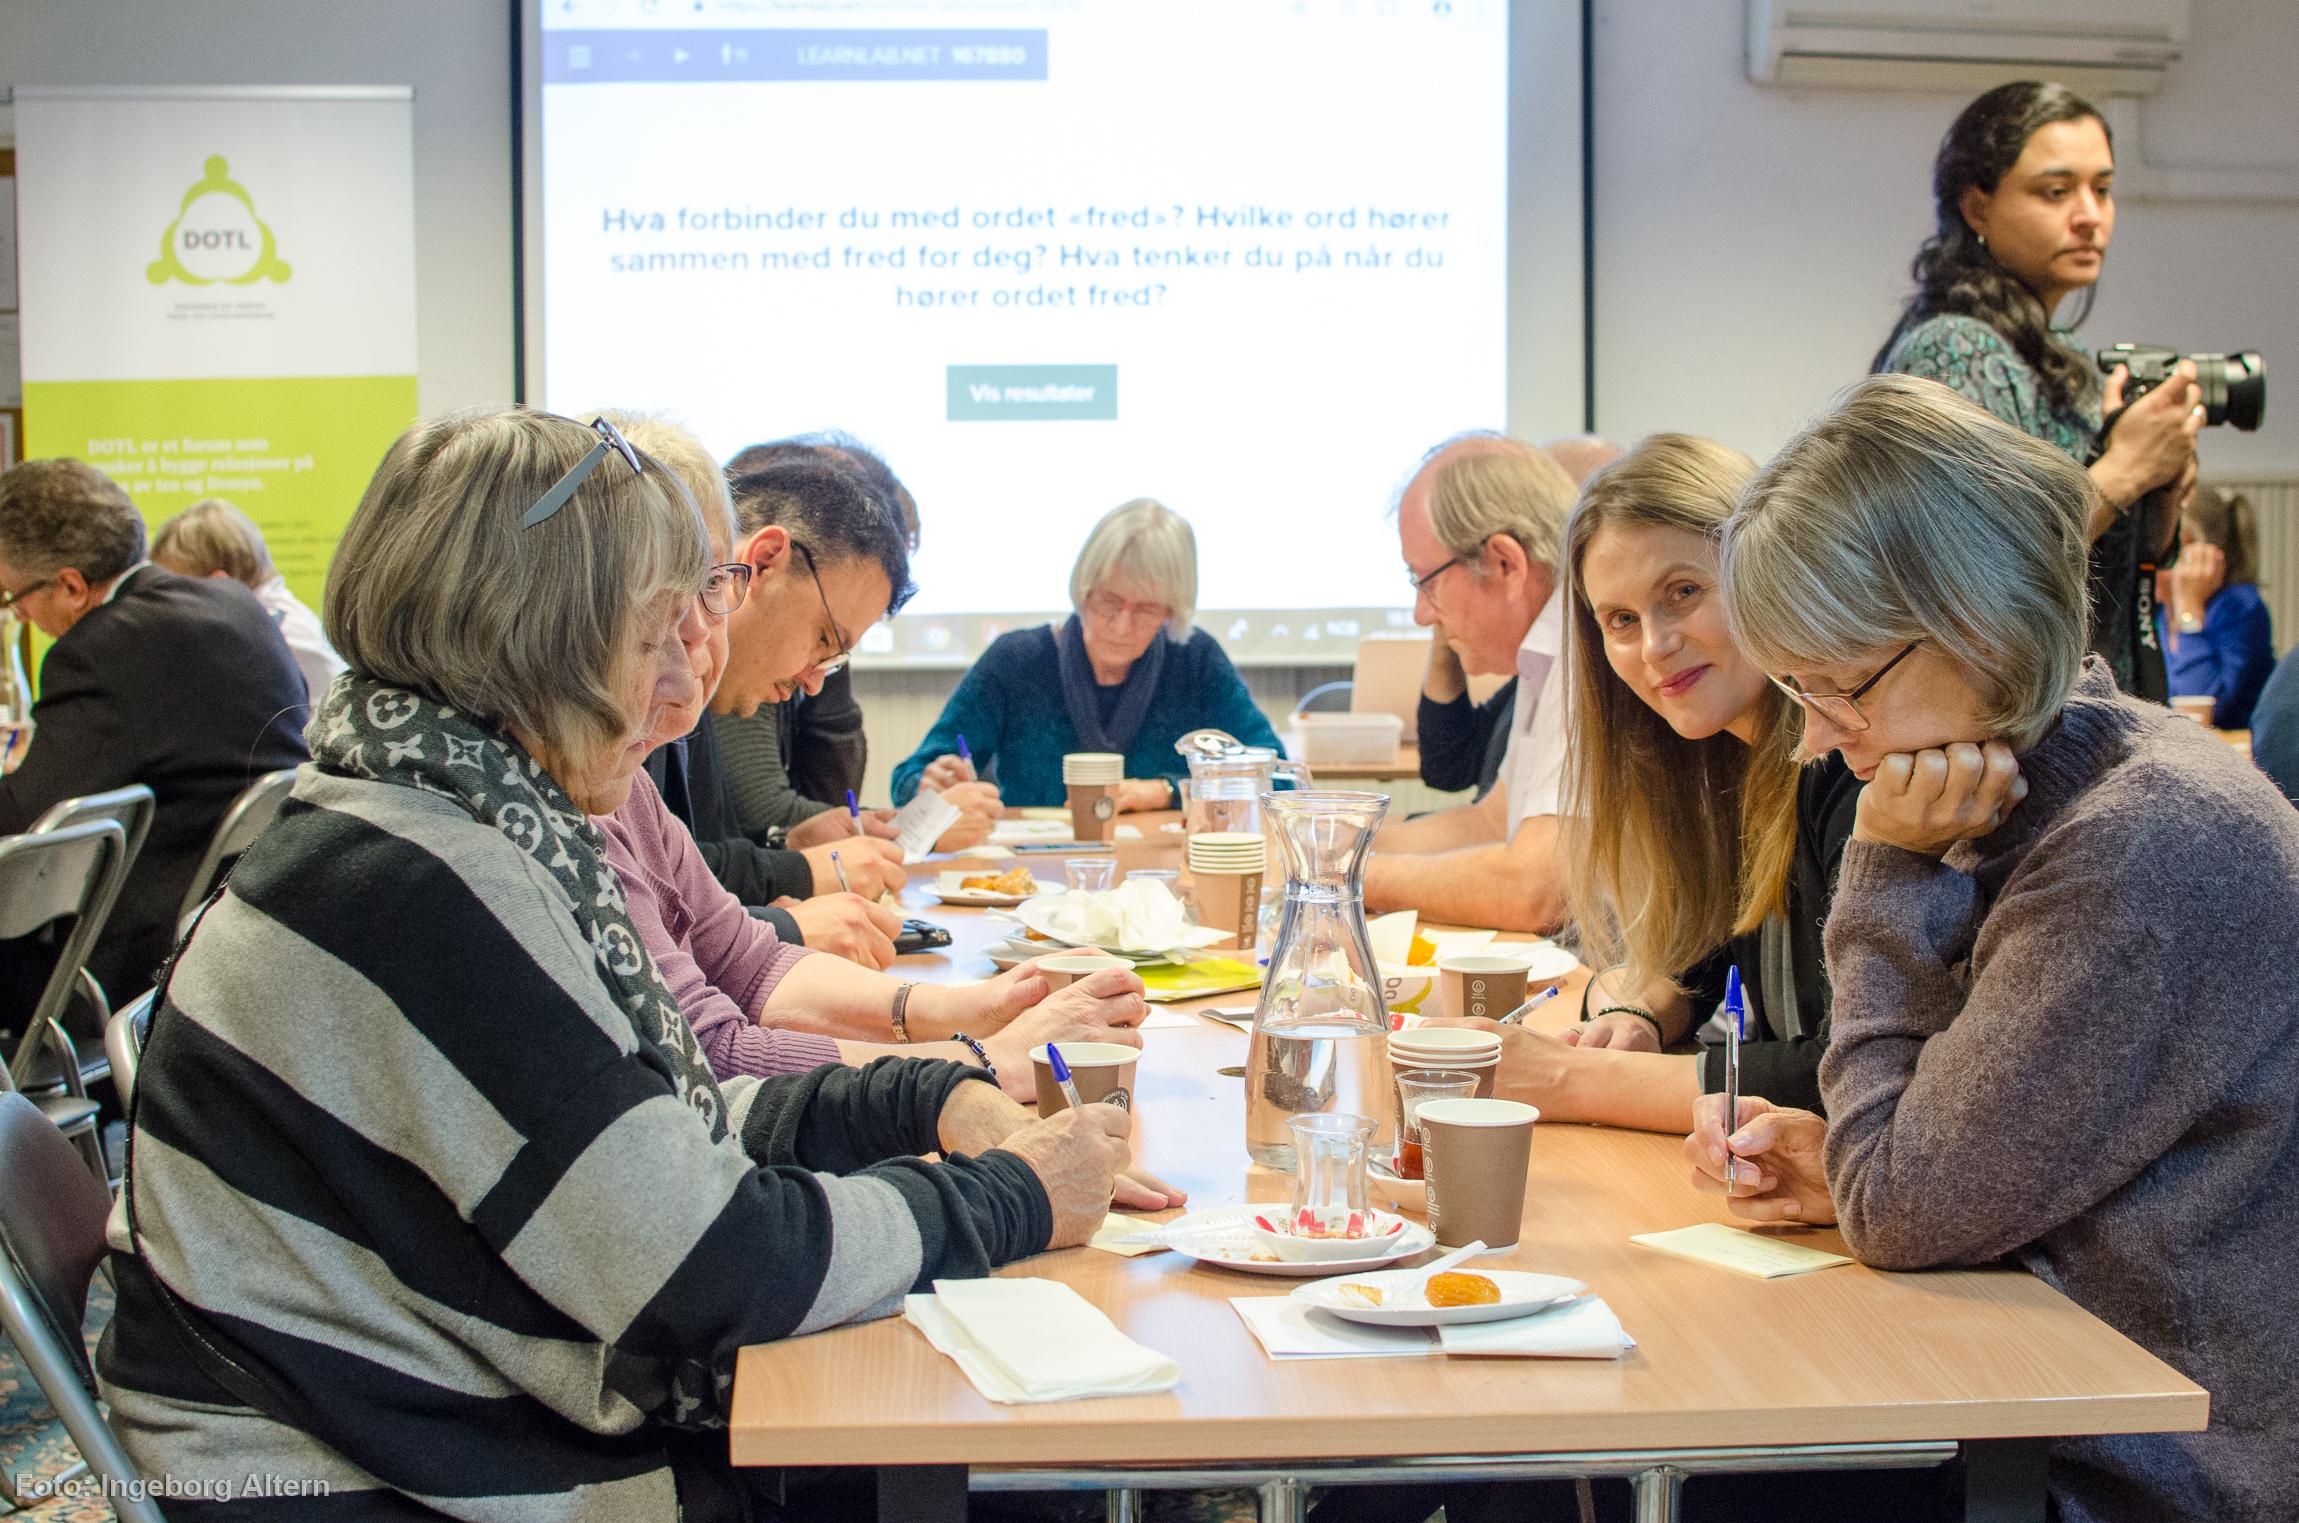 Deltakerne ble delt i grupper etter farge på bindersen de trakk. Foto: Ingeborg Altern Vedal